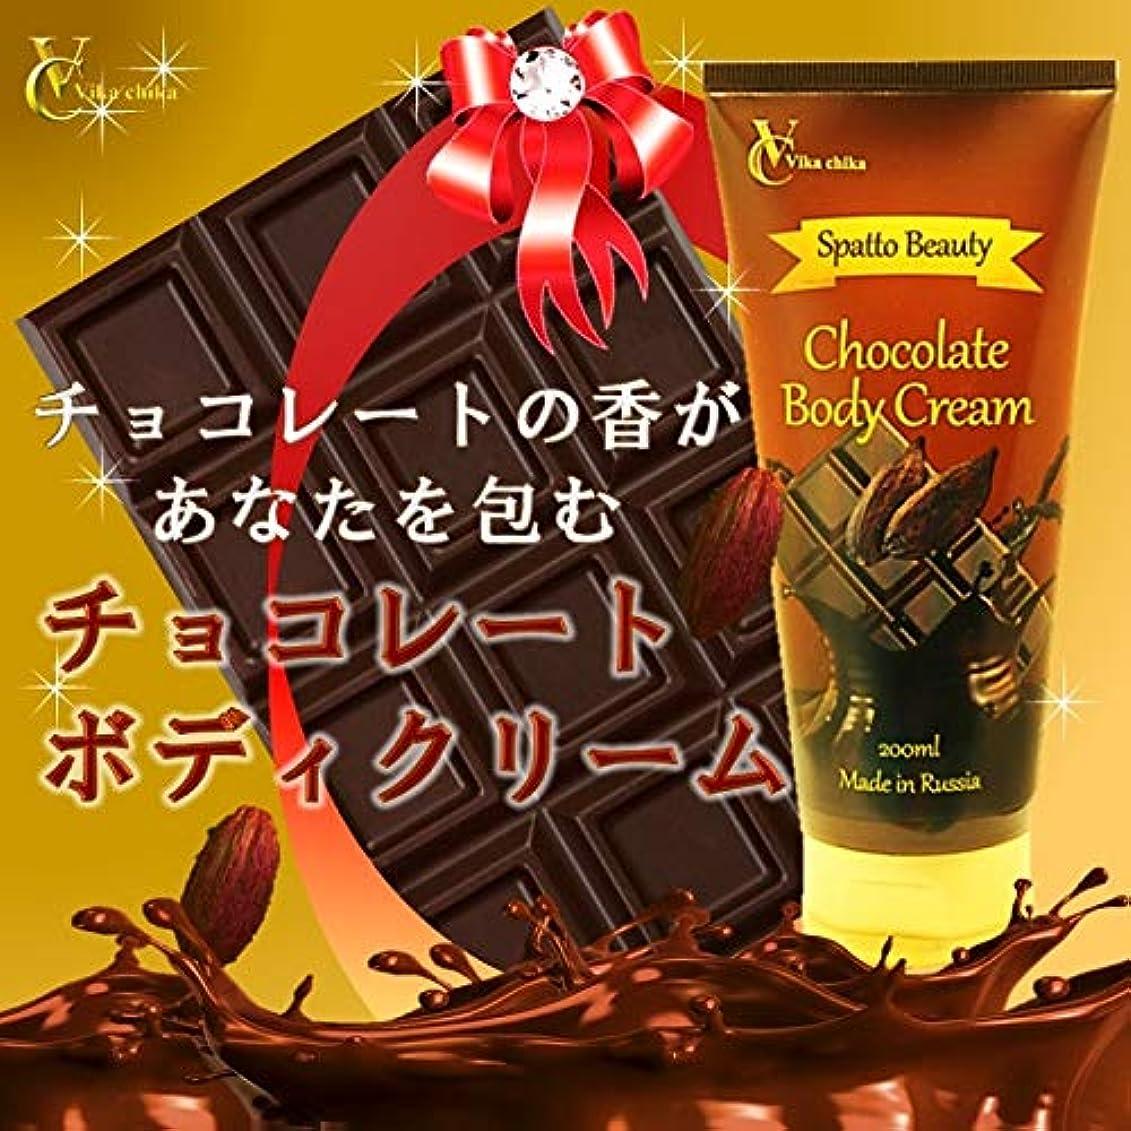 ボイラー眩惑する不利ビッカチカ スパッと ビューティ チョコレートボディクリーム 200ml